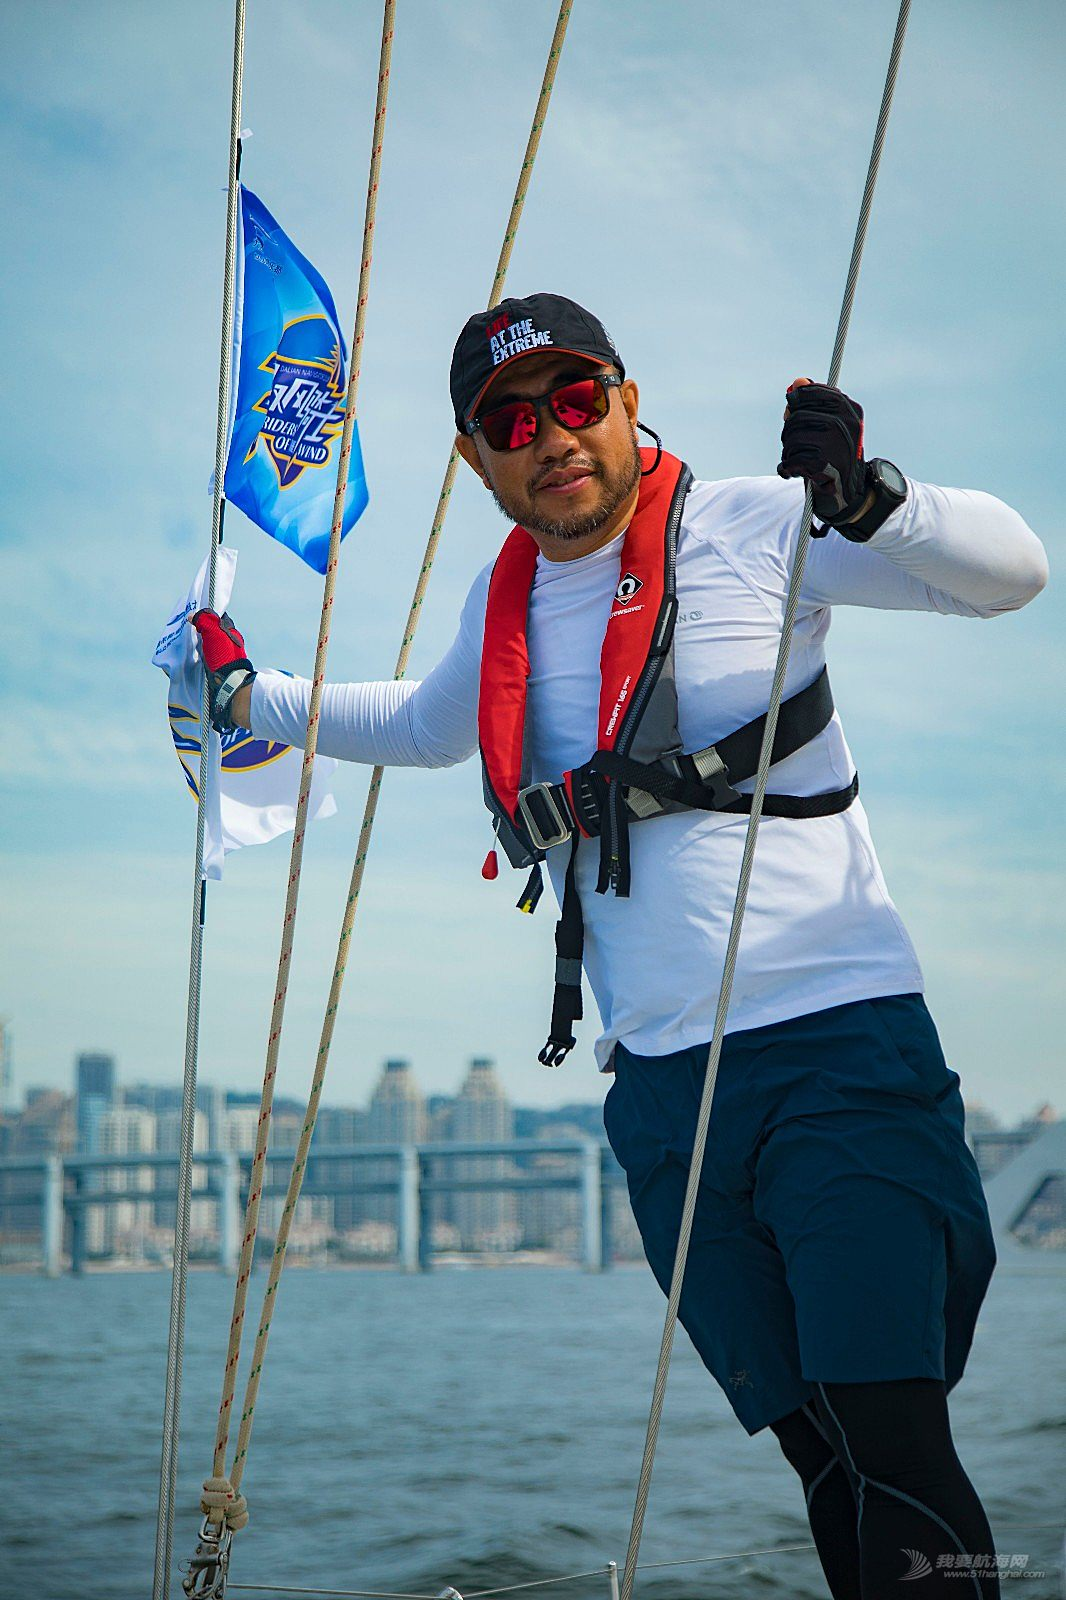 《帆船运动百科》(二十六)航海家 梅小梅每天五分钟邀请大家阅读